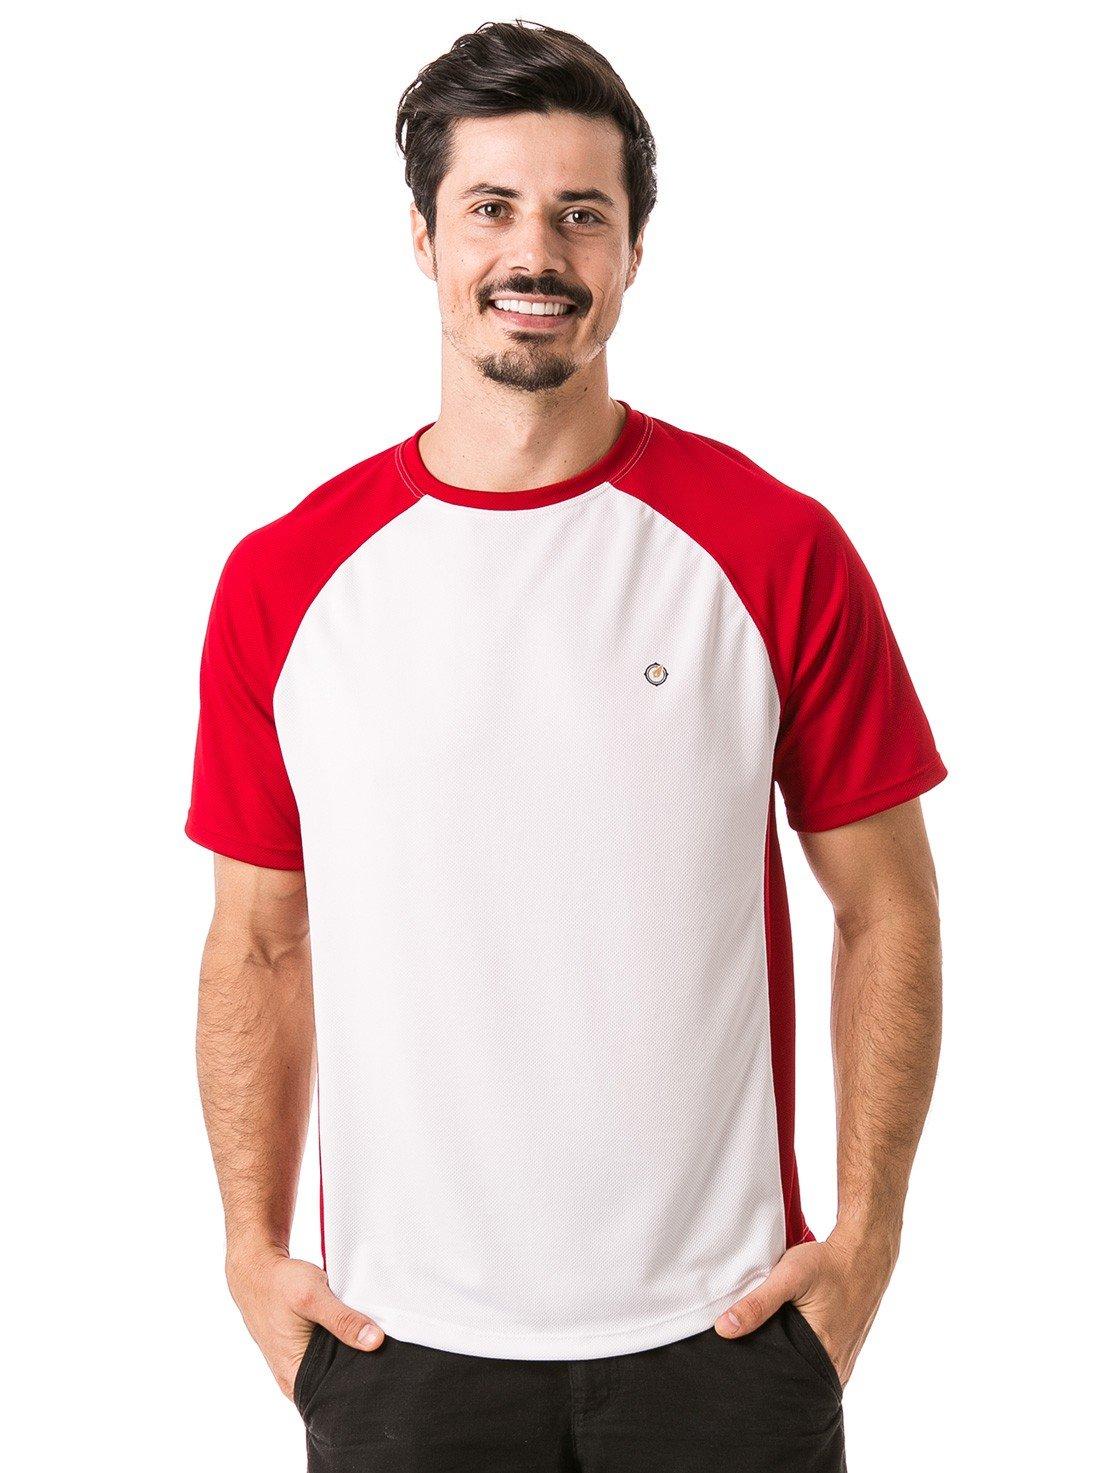 camisa masculina raglan gola redonda curta dry manga vermelha frente 2 b